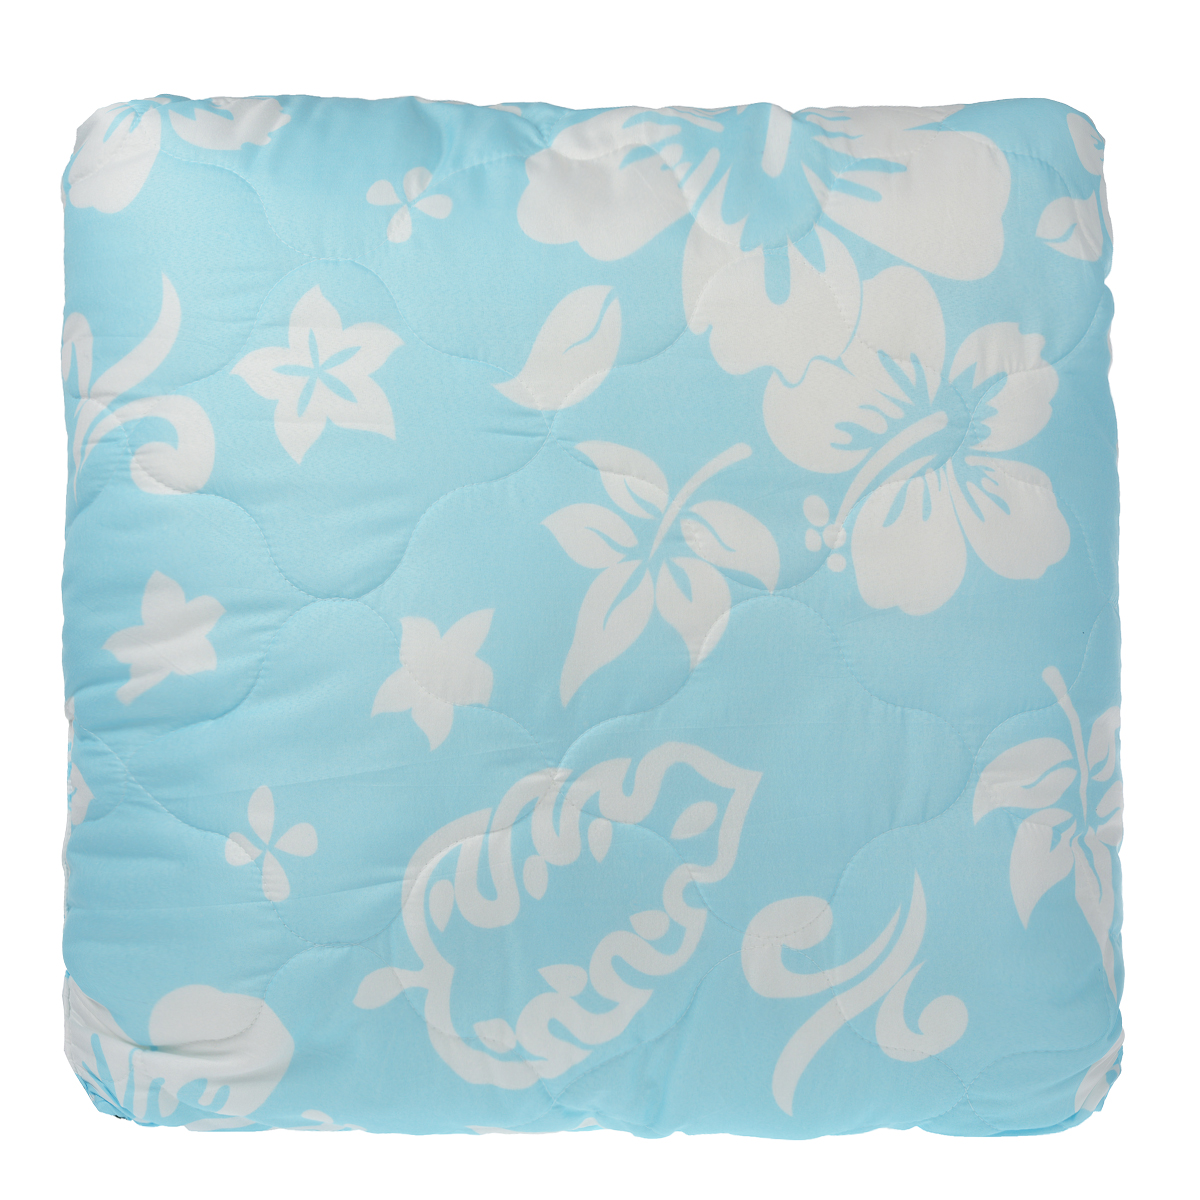 Подушка Dargez Бомбей, наполнитель: бамбуковое волокно, цвет: голубой, 68 см х 68 см03(23)141ЕПодушка Dargez Бомбей подарит комфорт и уют во время сна. Чехол подушки, выполненный из микрофибры, оформлен фигурной стежкой, которая надежно удерживает наполнитель внутри. Волокно на основе бамбука - инновационный наполнитель, обладающий за счет своей пористой структуры хорошей воздухонепроницаемостью и высокой гигроскопичностью, обеспечивает оптимальный уровень влажности во время сна и создает чувство прохлады в жаркие дни. Антибактериальный эффект наполнителя достигается за счет содержания в нем специального компонента, а также за счет поглощения влаги, что создает сухой микроклимат, препятствующий росту бактерий. Основные свойства волокна: - хорошая терморегуляция, - свободная циркуляция воздуха, - антибактериальные свойства, - повышенная гигроскопичность, - мягкость и легкость, - удобство в эксплуатации и легкость стирки. Рекомендации по уходу: - Стирка при температуре не более 40°С. - Запрещается отбеливать, гладить.- Можно выжимать и сушить в стиральной машине.Материал чехла: микрофибра (100% полиэстер). Материал наполнителя: 50% бамбуковое волокно (вискоза), 50% полое силиконизированное пэ волокно. Размер подушки: 68 см х 68 см.